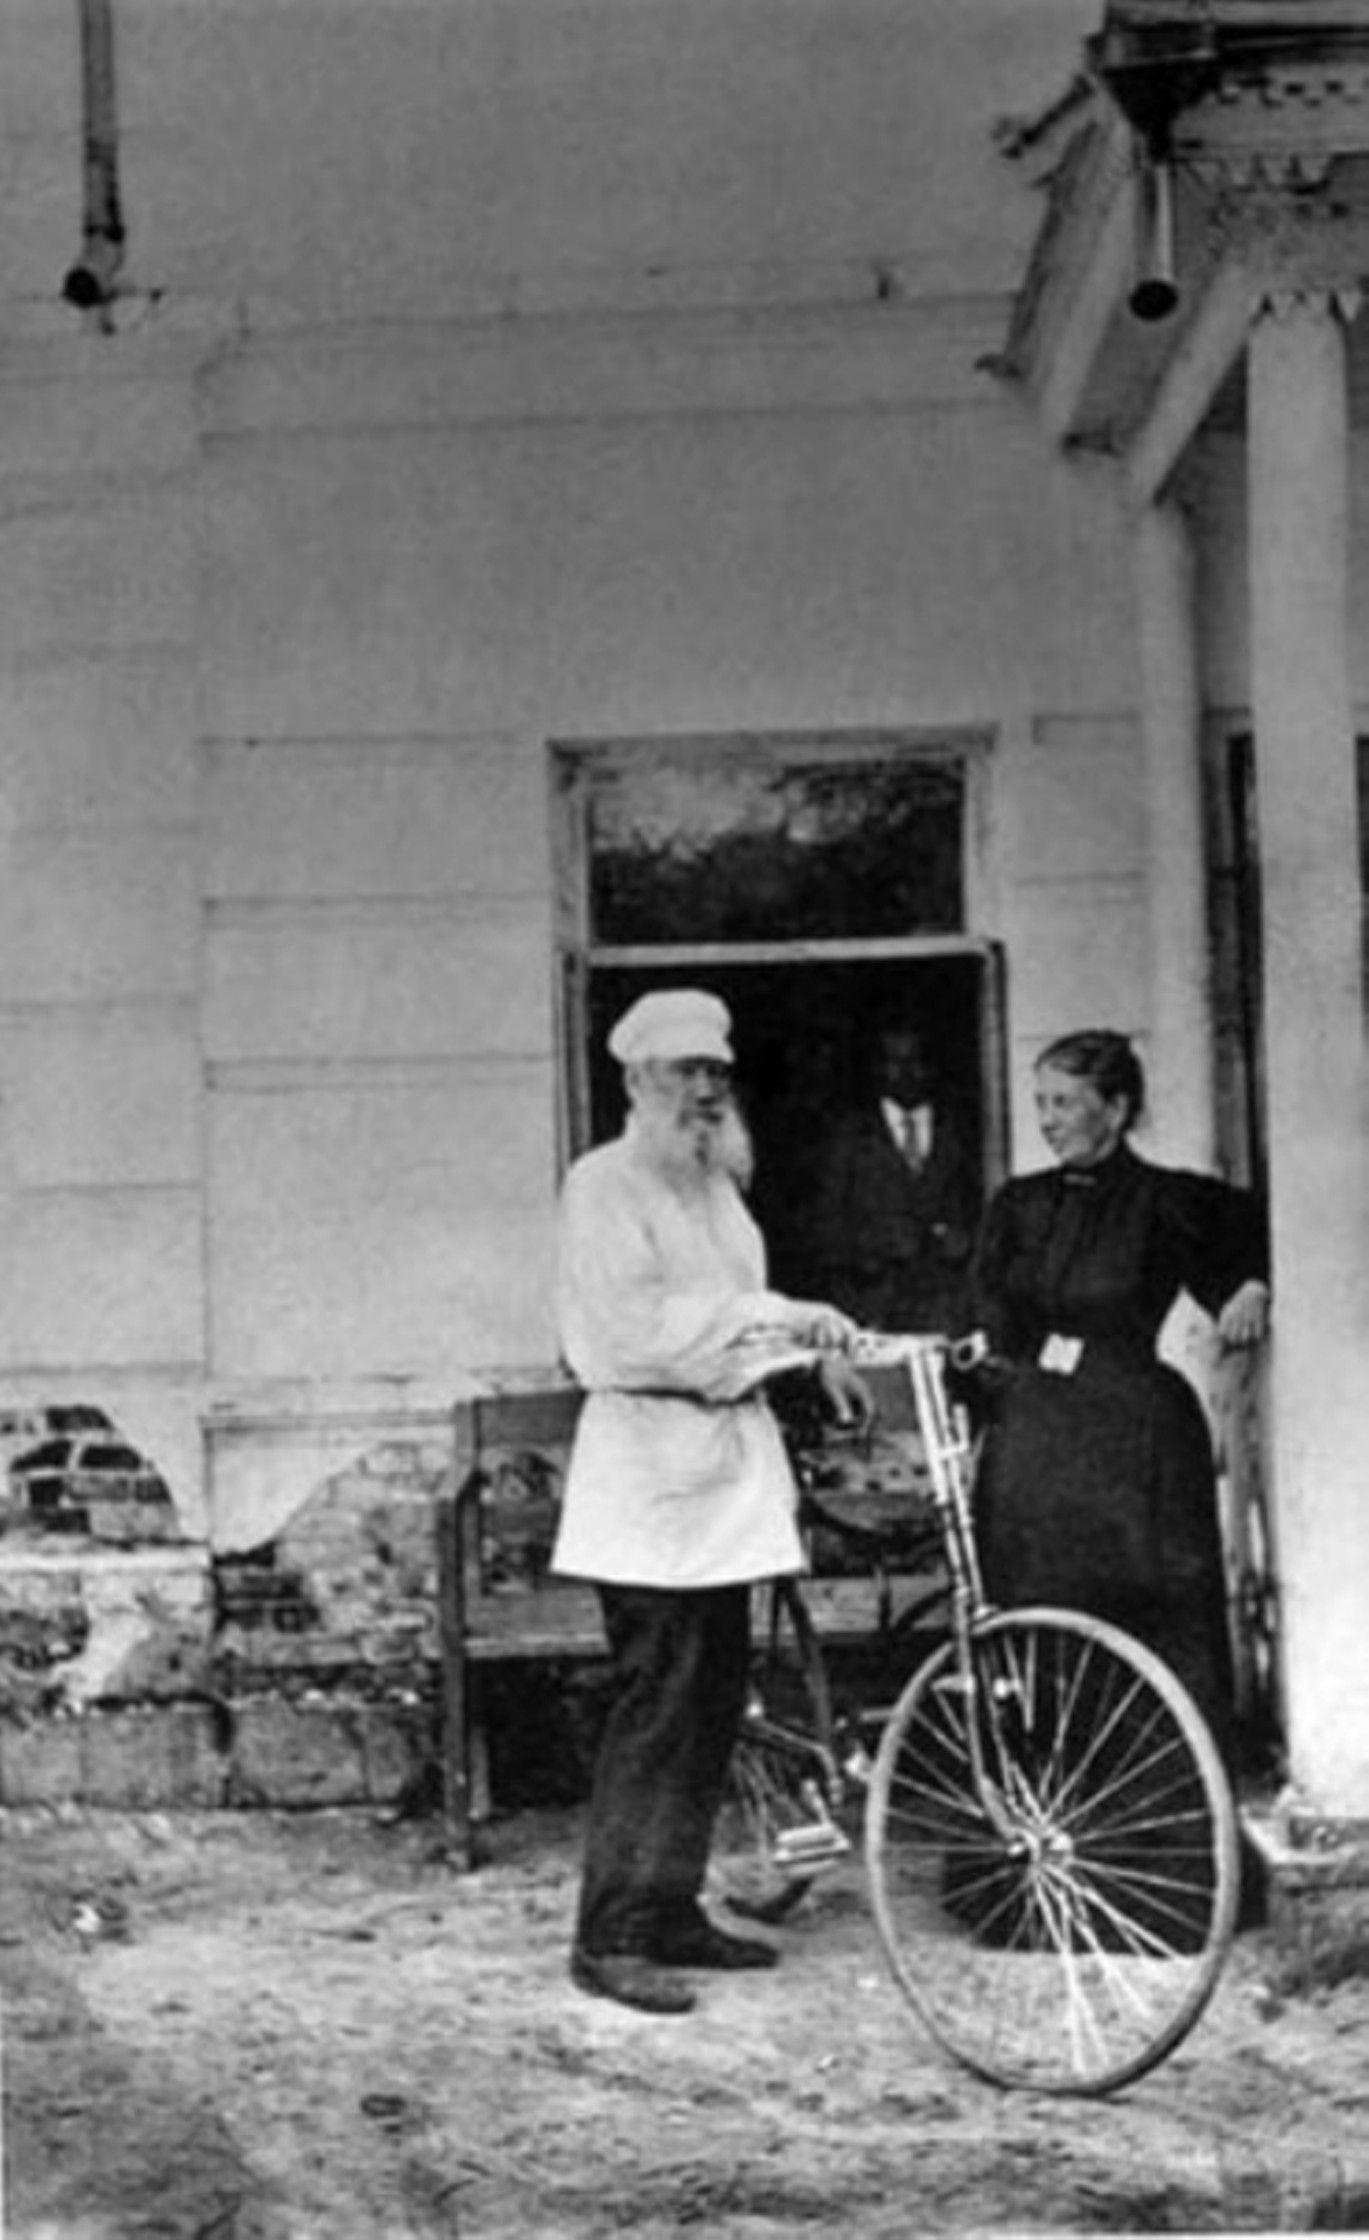 Лев Толстой со своим велосипедом